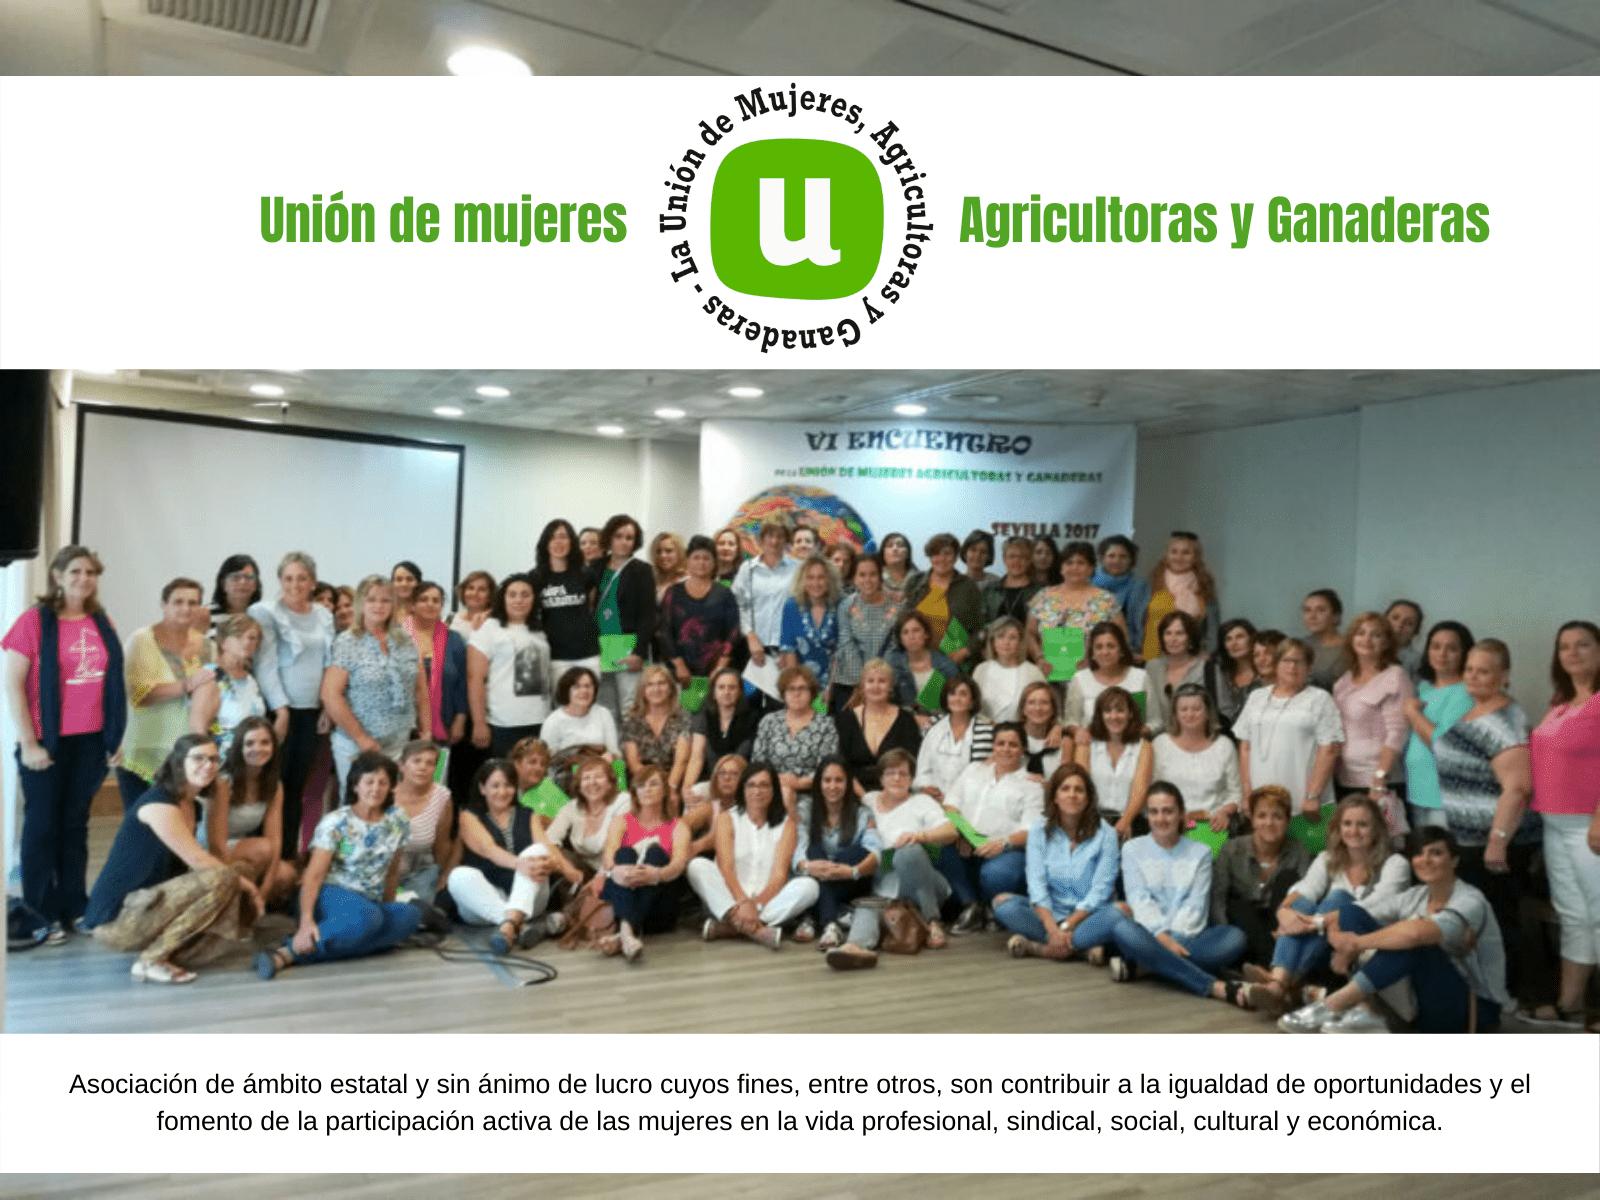 union-mujeres-agricultoras-ganaderas-1